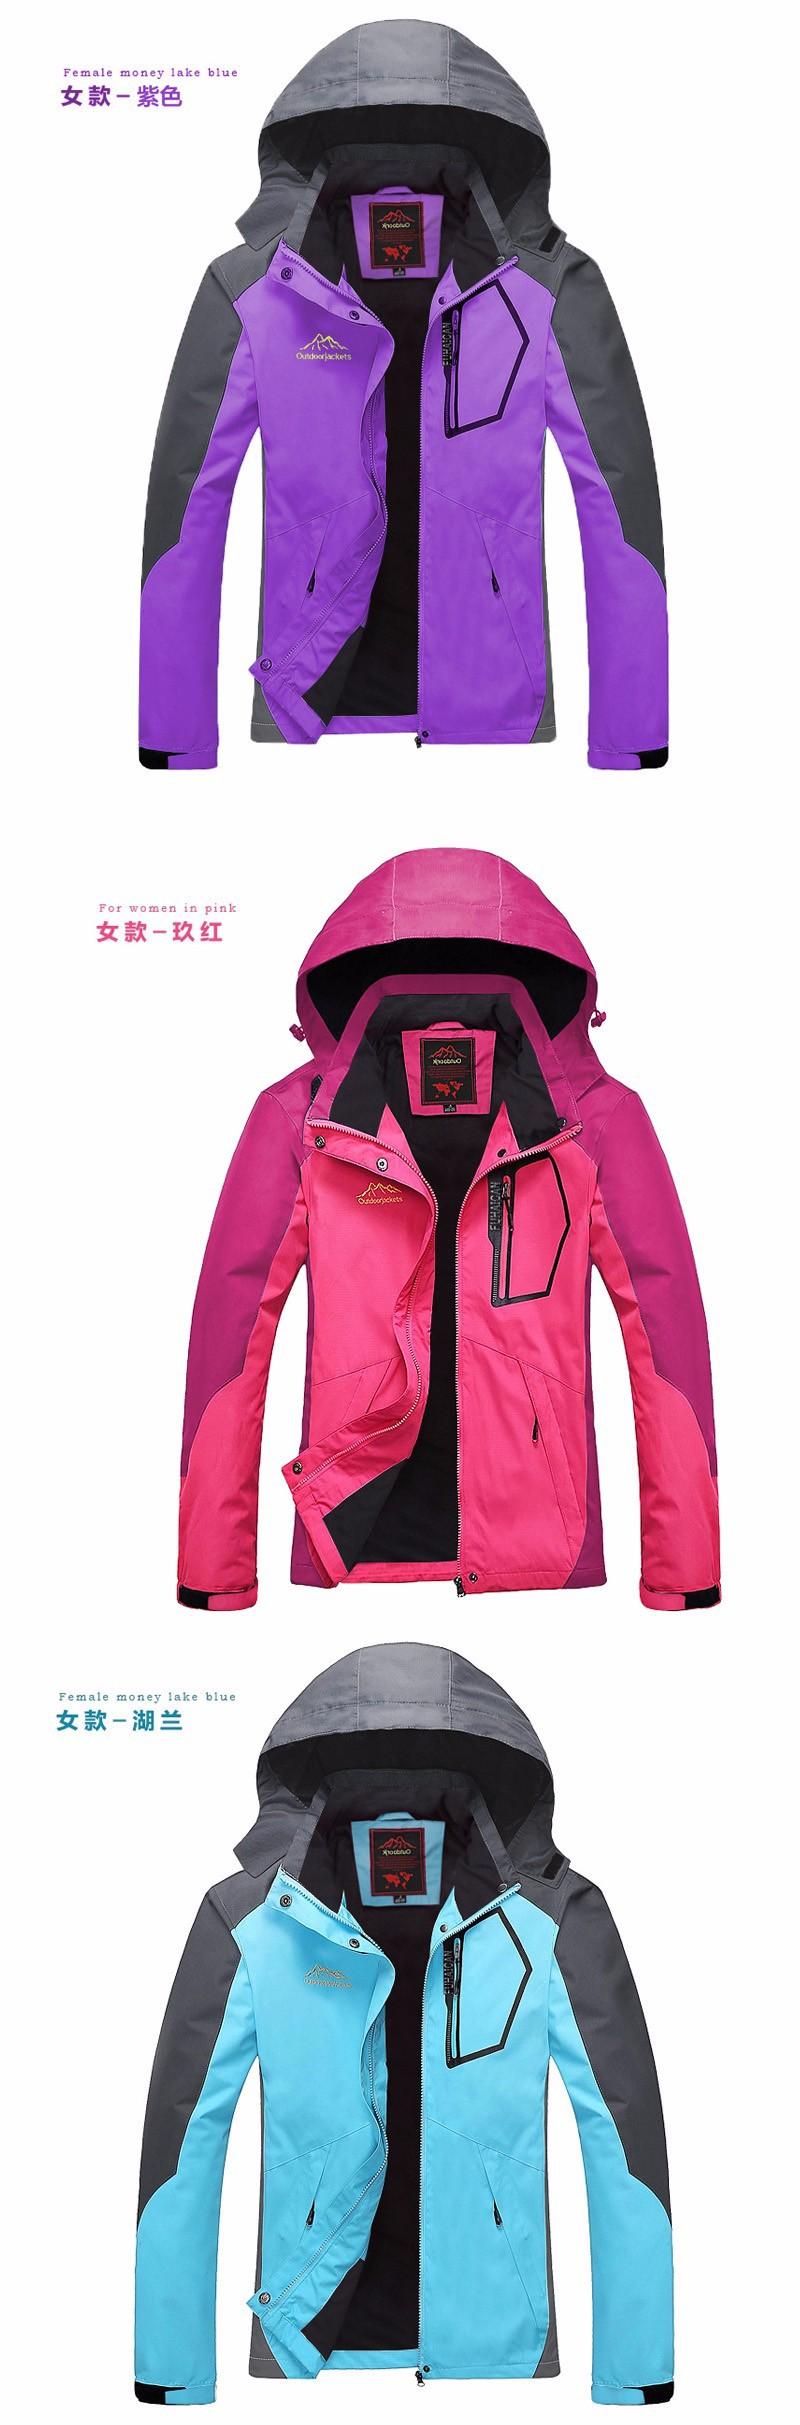 outdoor jacket 1211 4